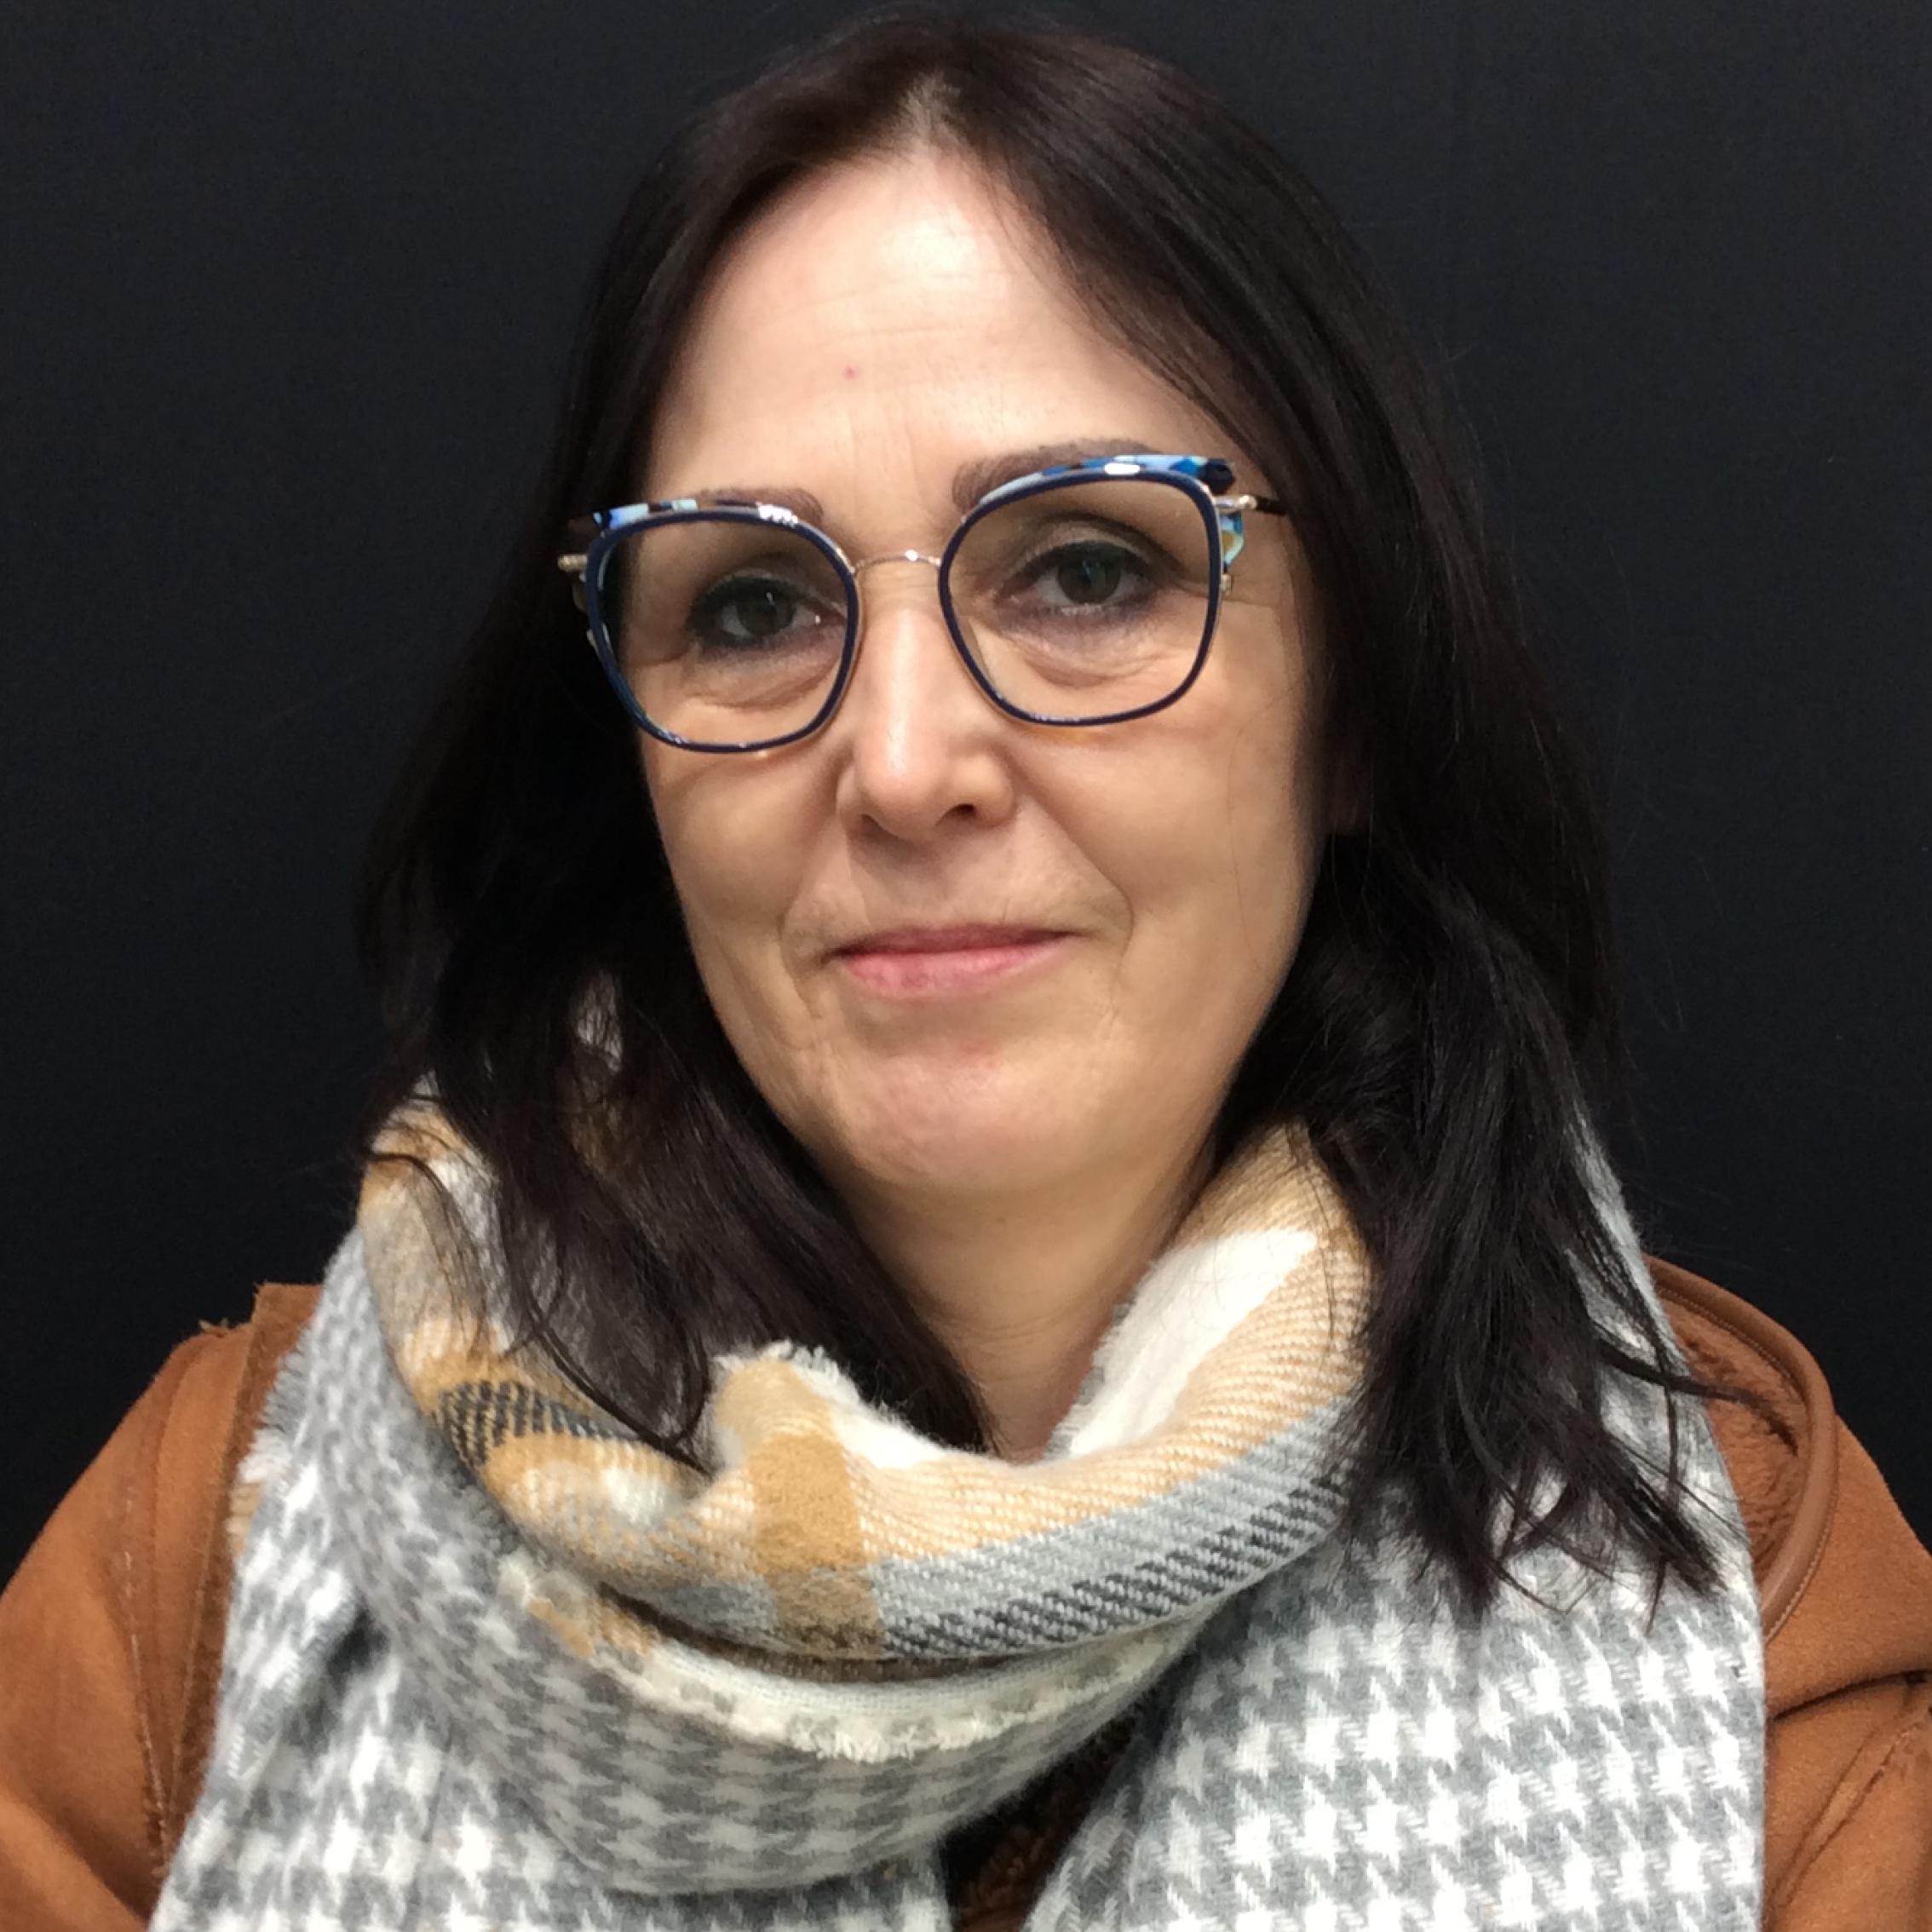 Miroslawa Wernerowicz